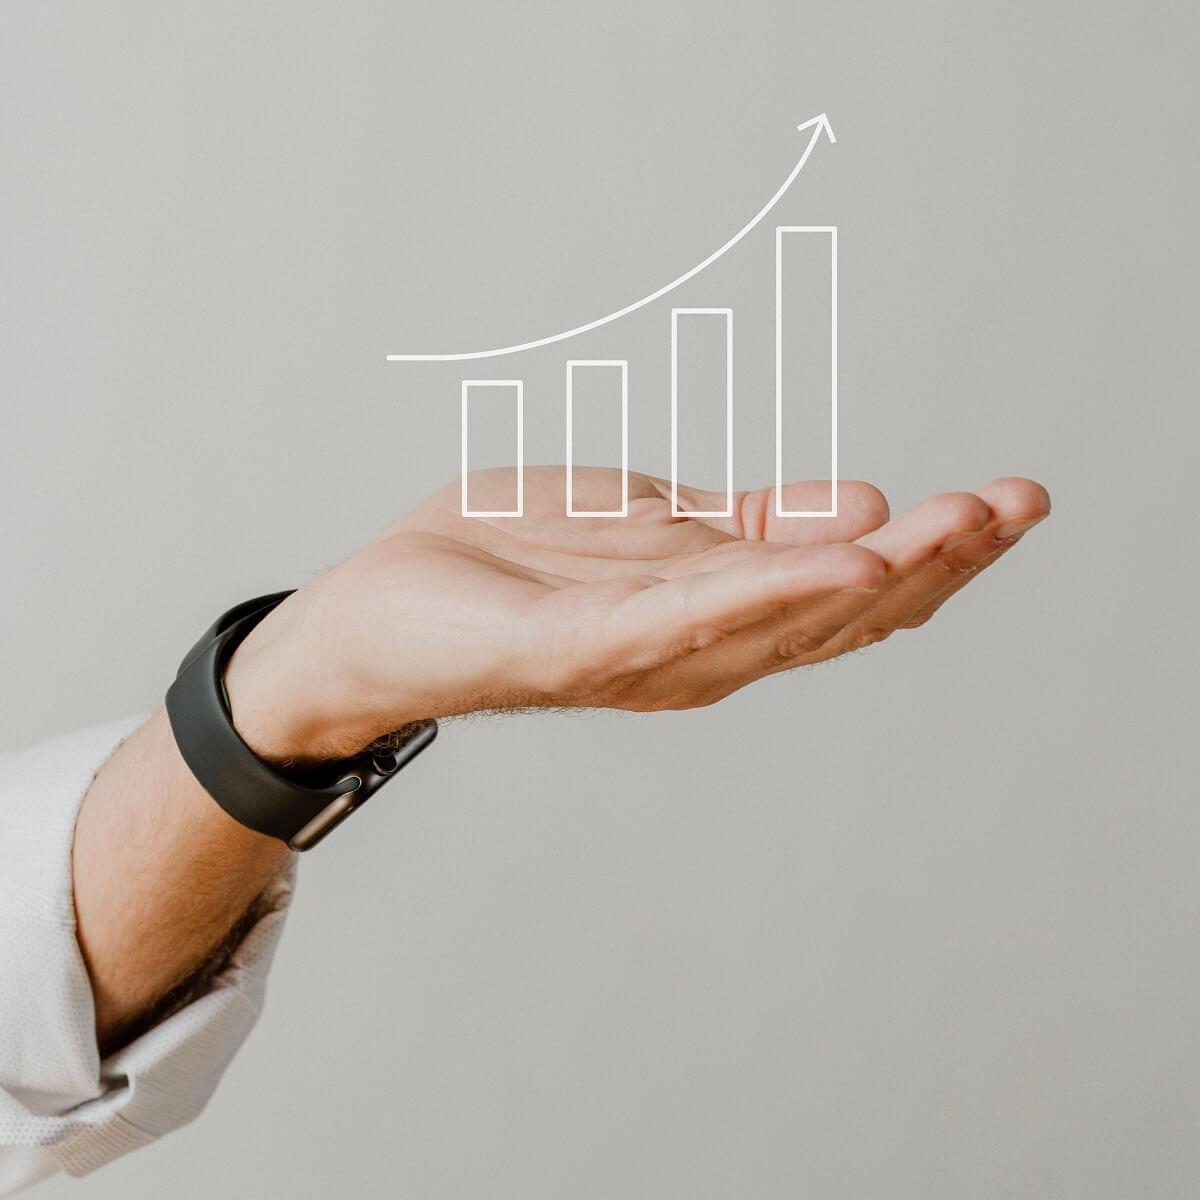 上に向けた手のひらに増加しているグラフを描いた様子。